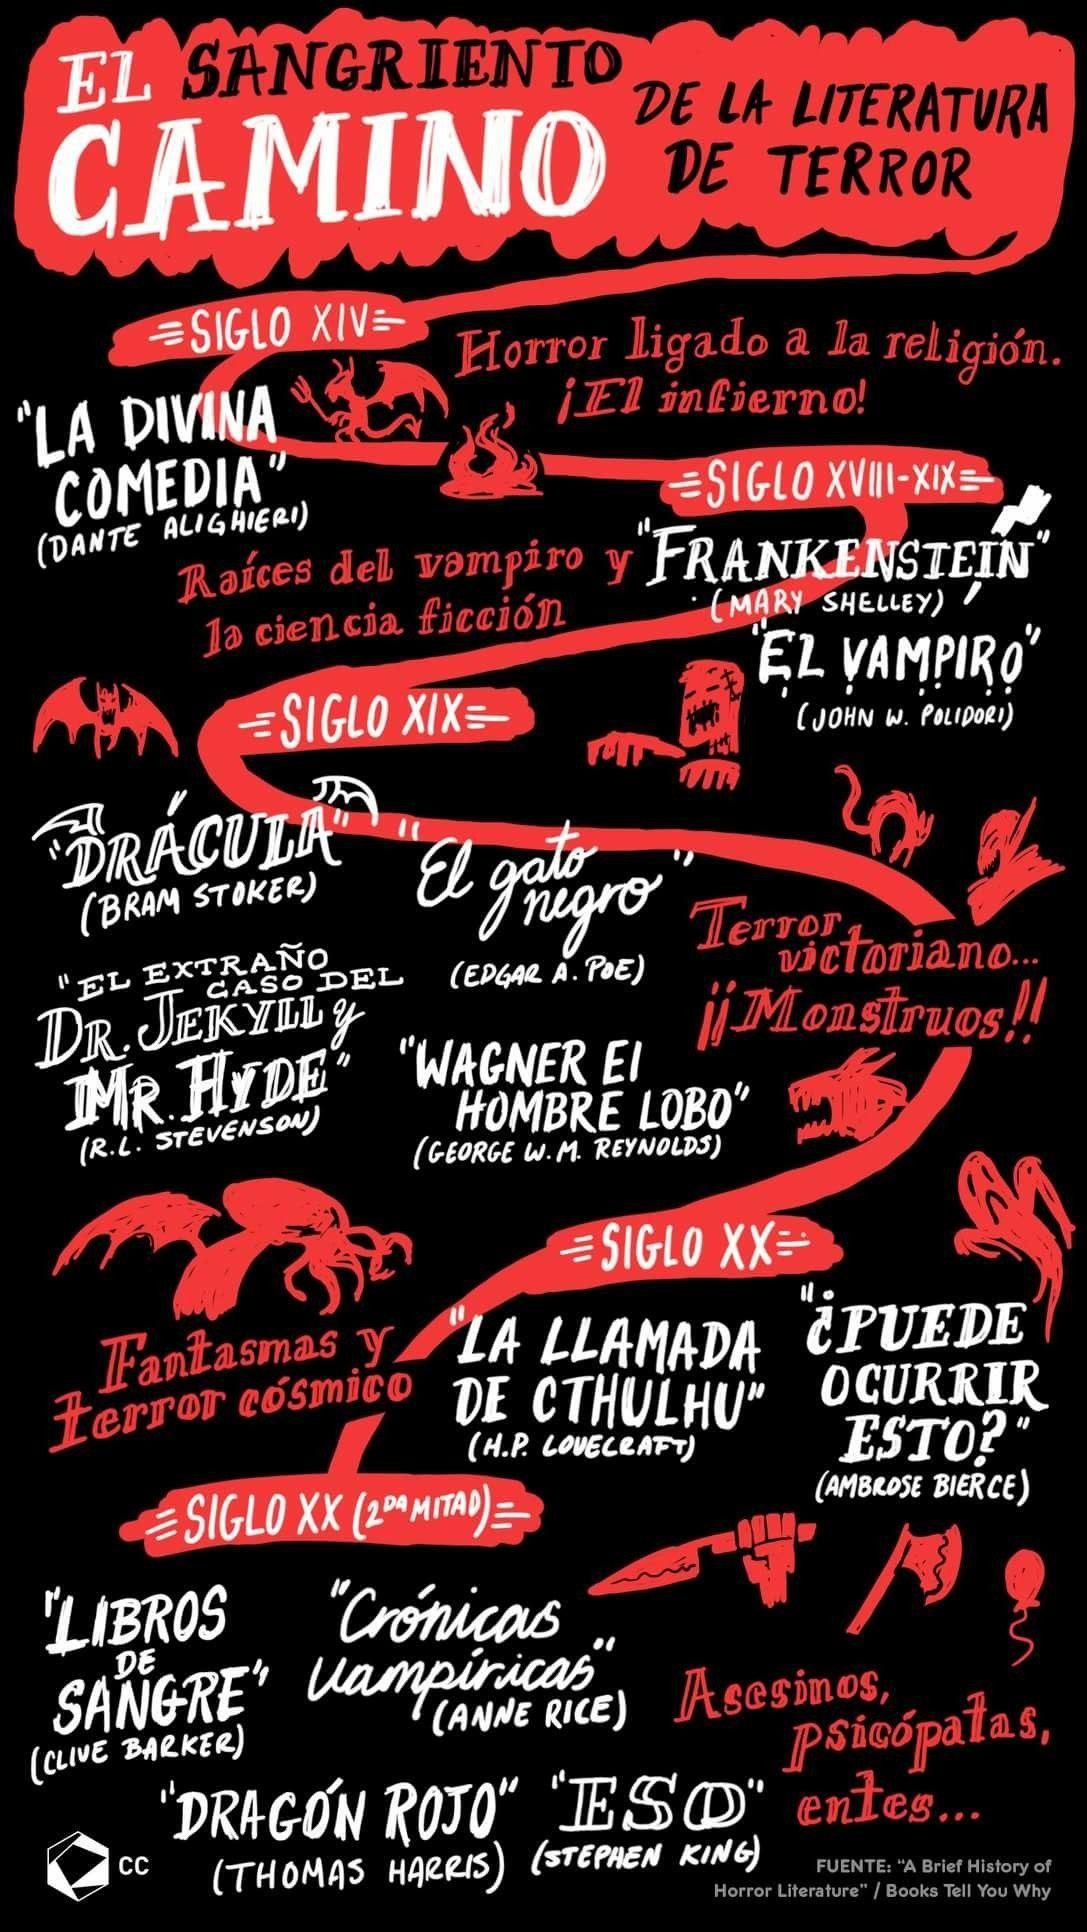 Pin De Juliette Rojas En Mythology And Monsters Libros De Terror Literatura Libros De Leer